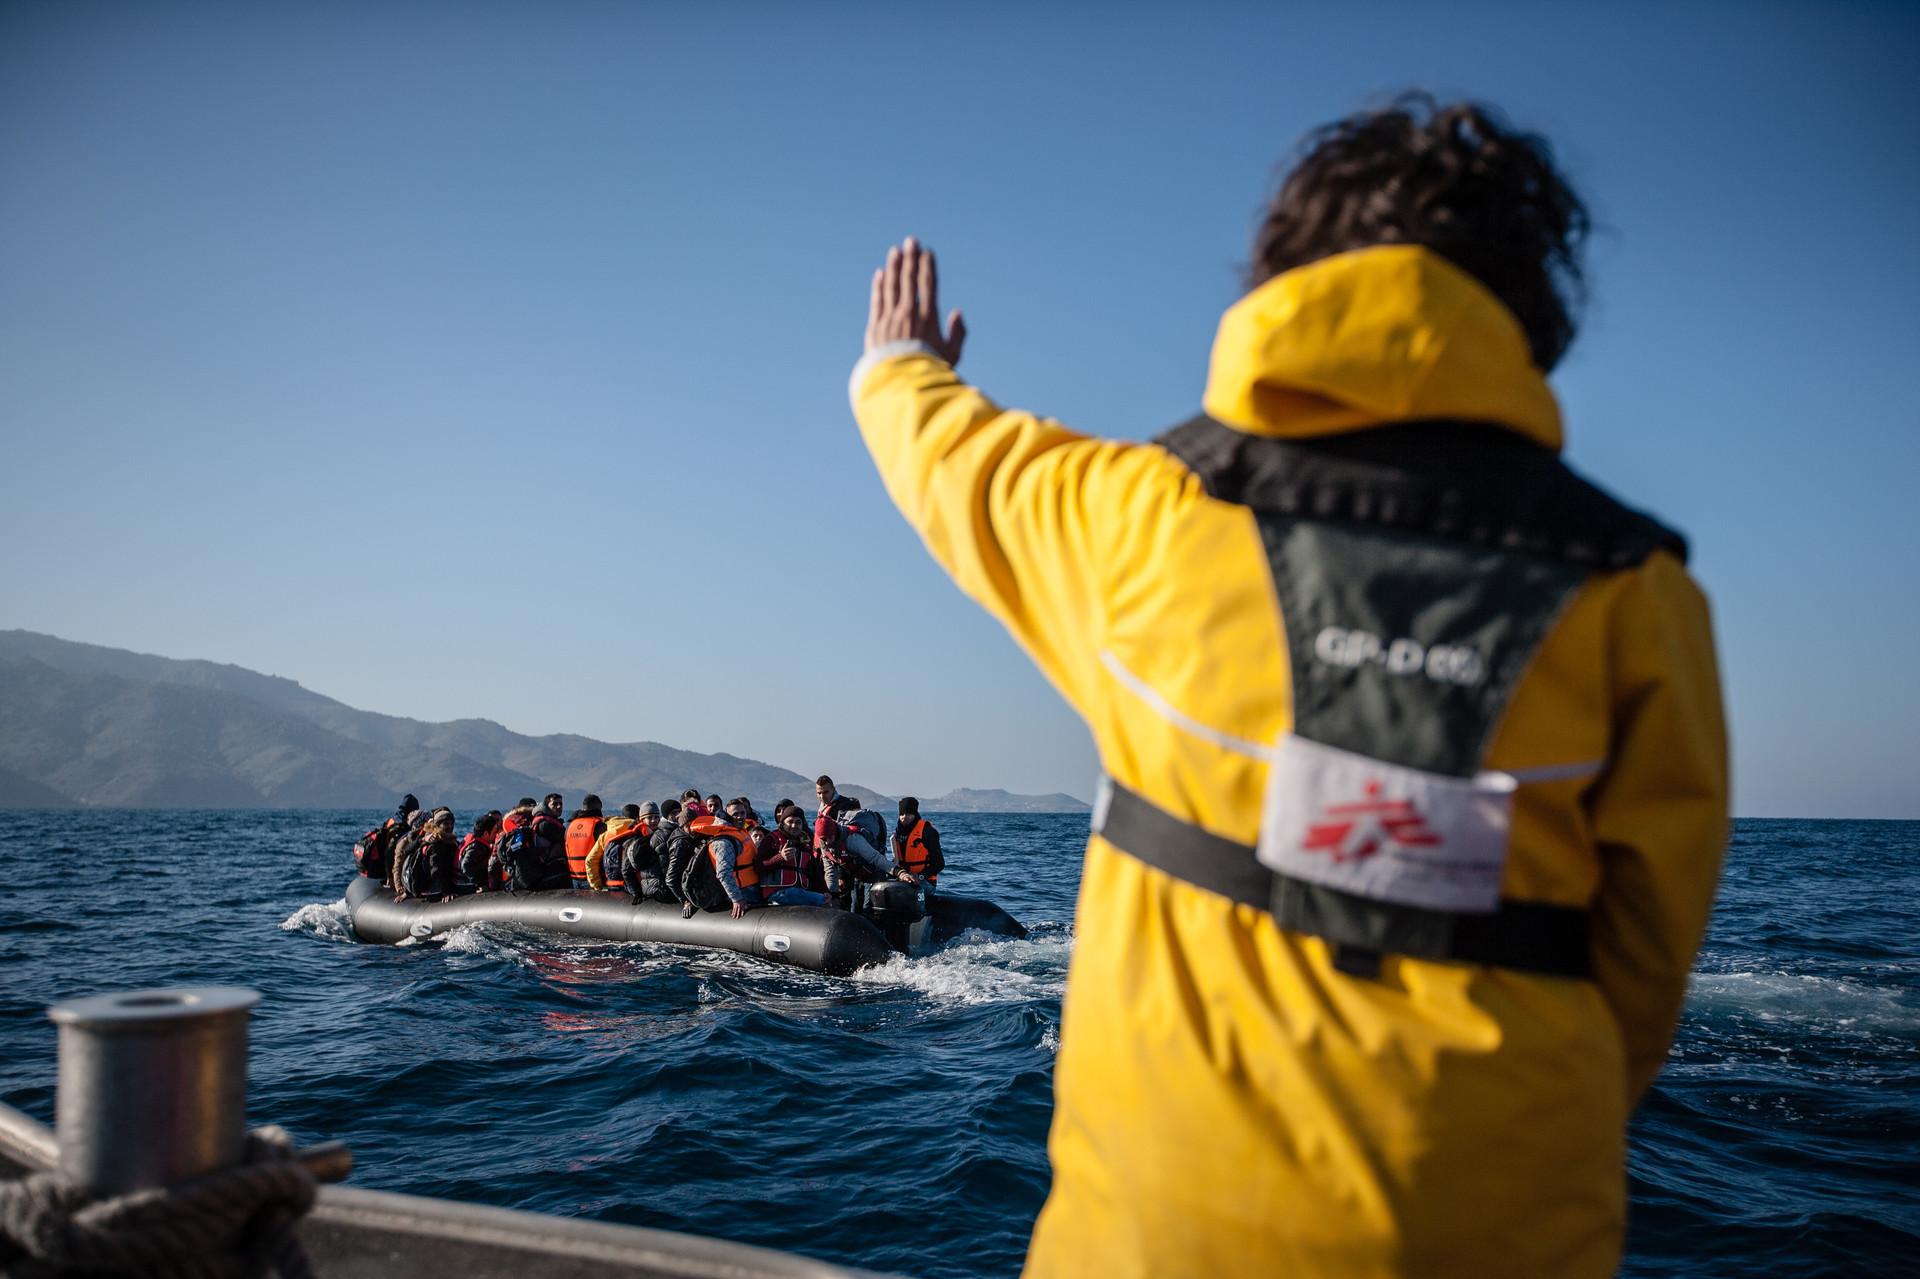 Problemas frente a las costas de Lesbos, en Grecia